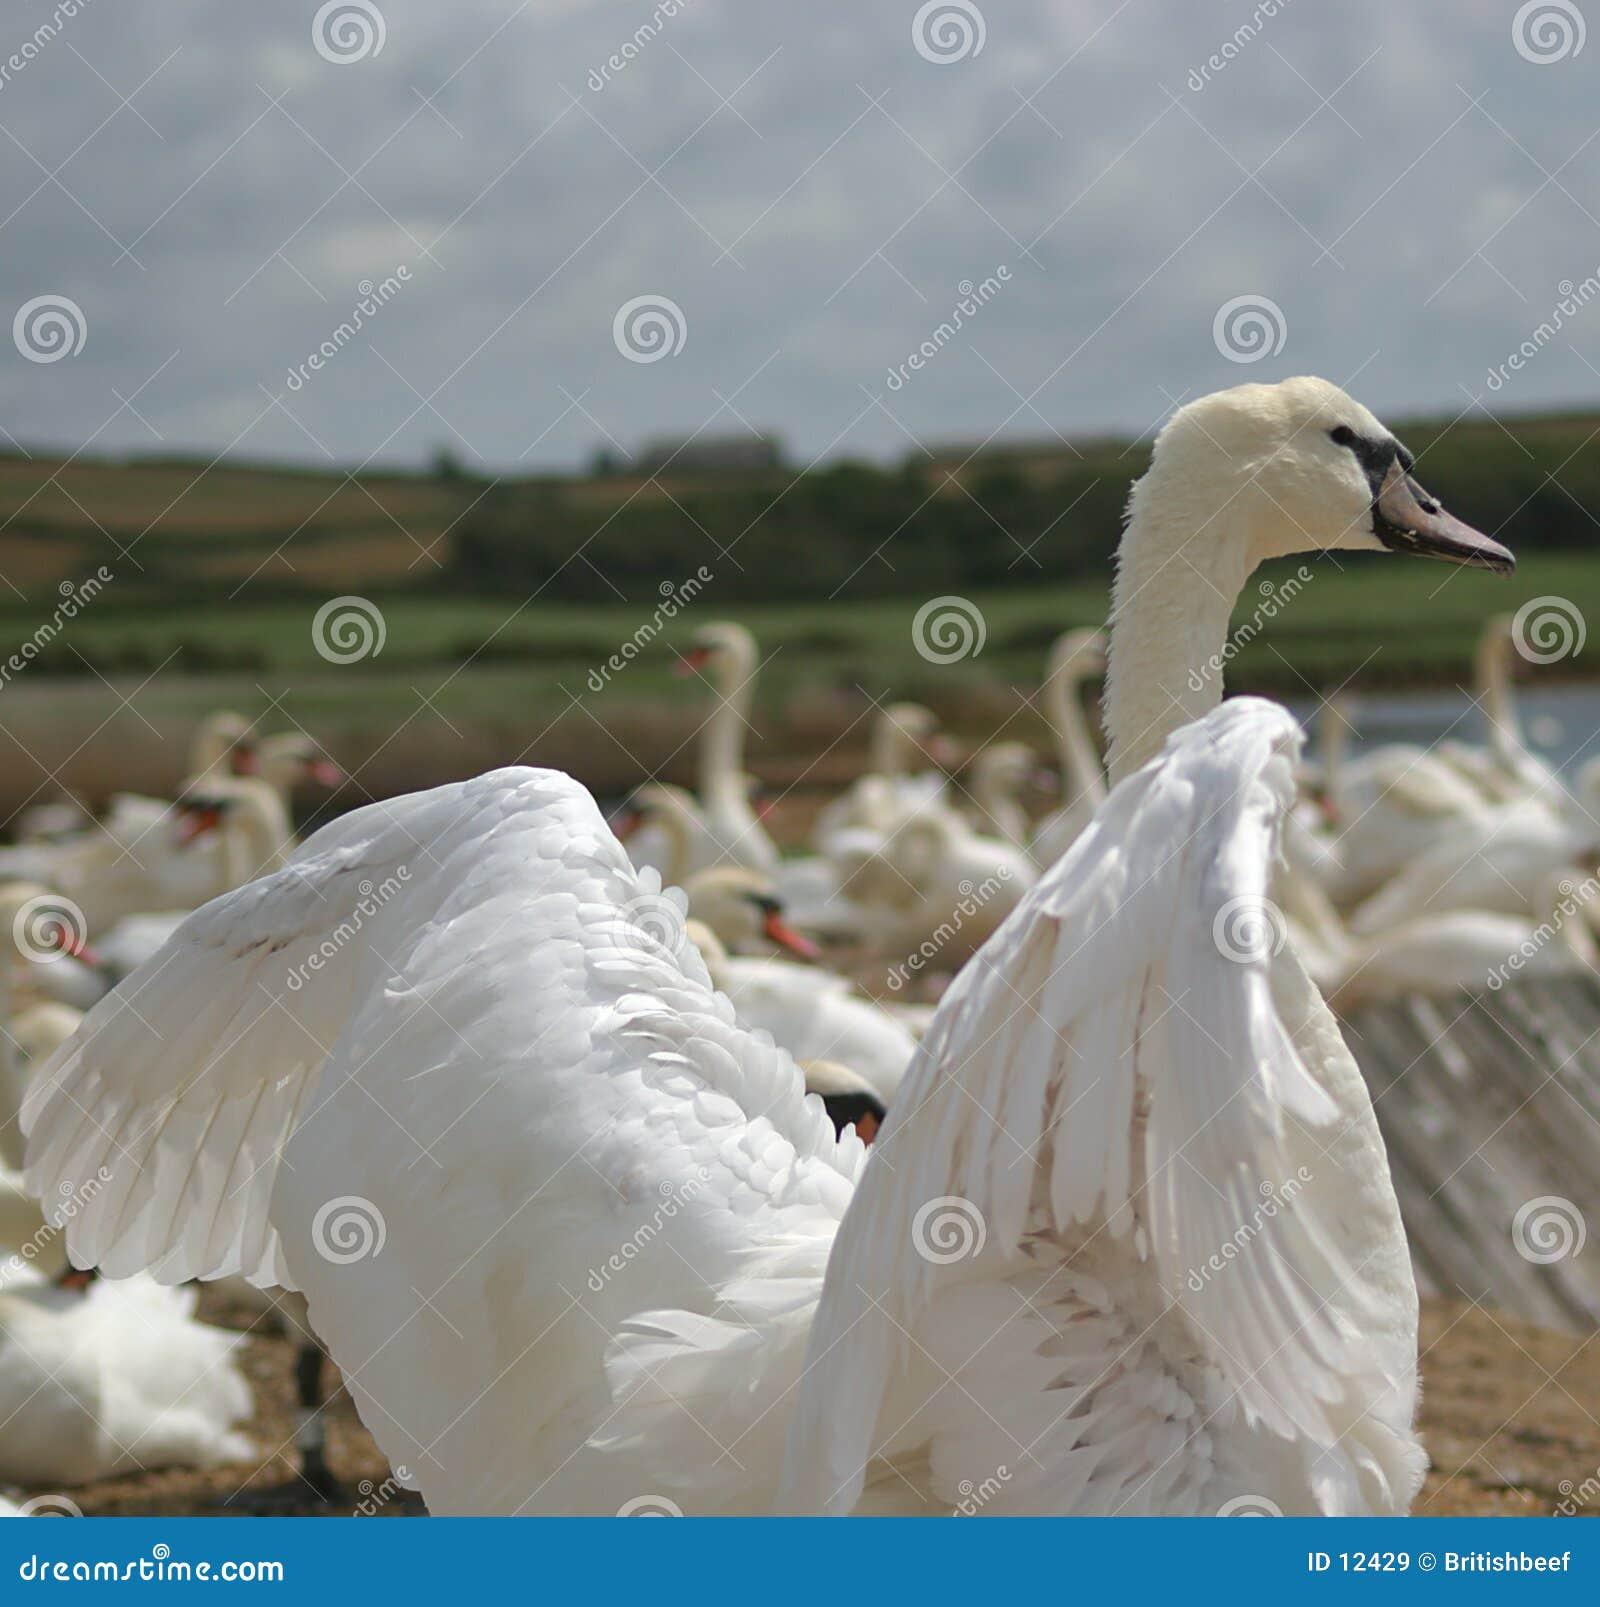 Swan flexing his wings